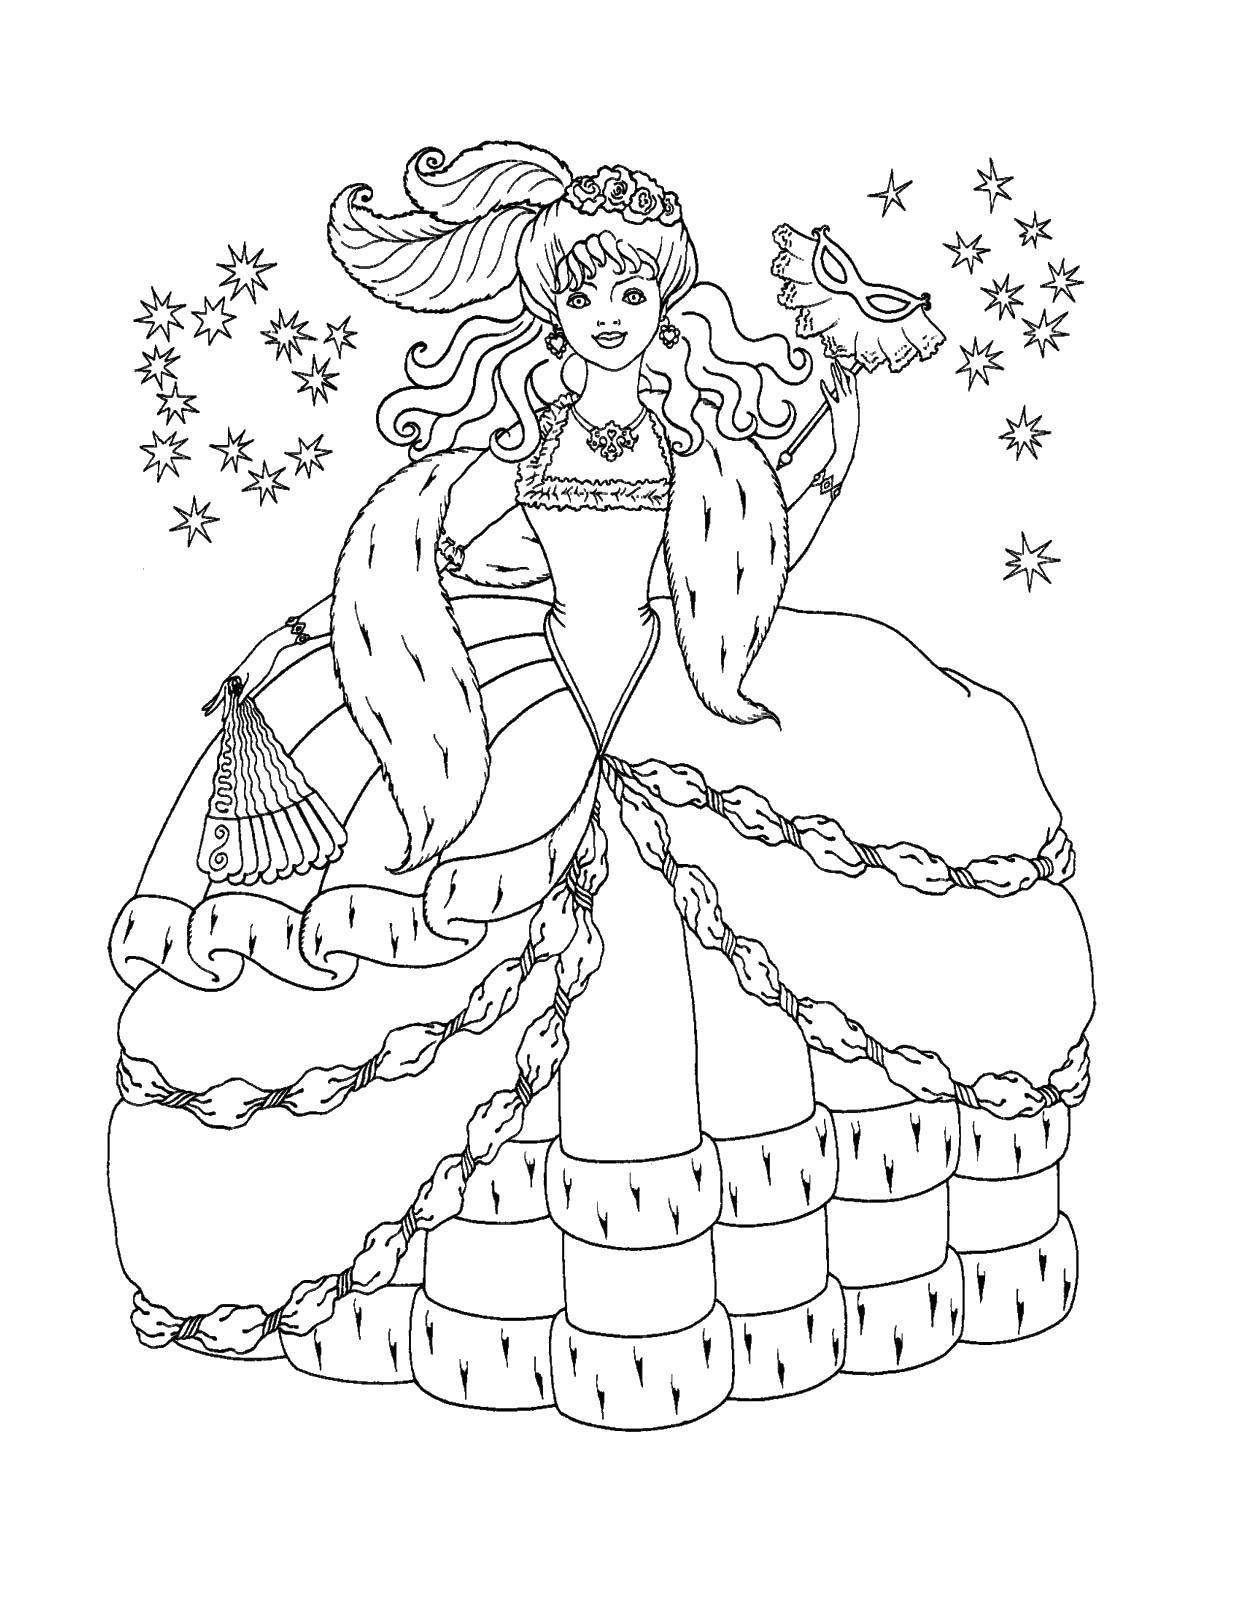 Принцесса на балу Раскраски с цветами распечатать бесплатно